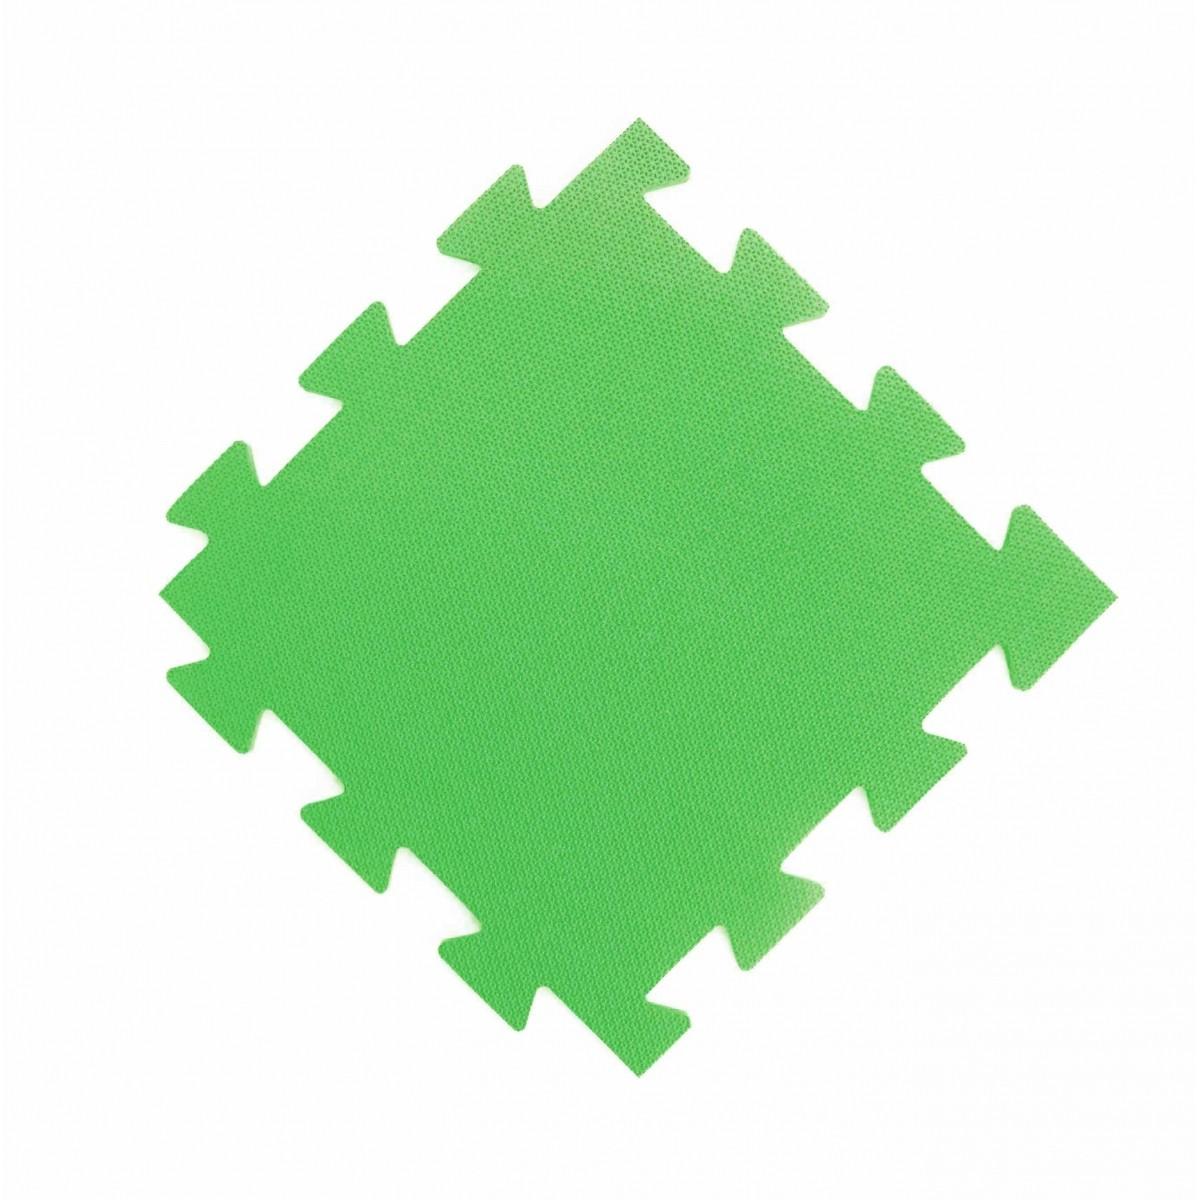 Tatame 50x50cm Com 15mm de Espessura  Verde  -